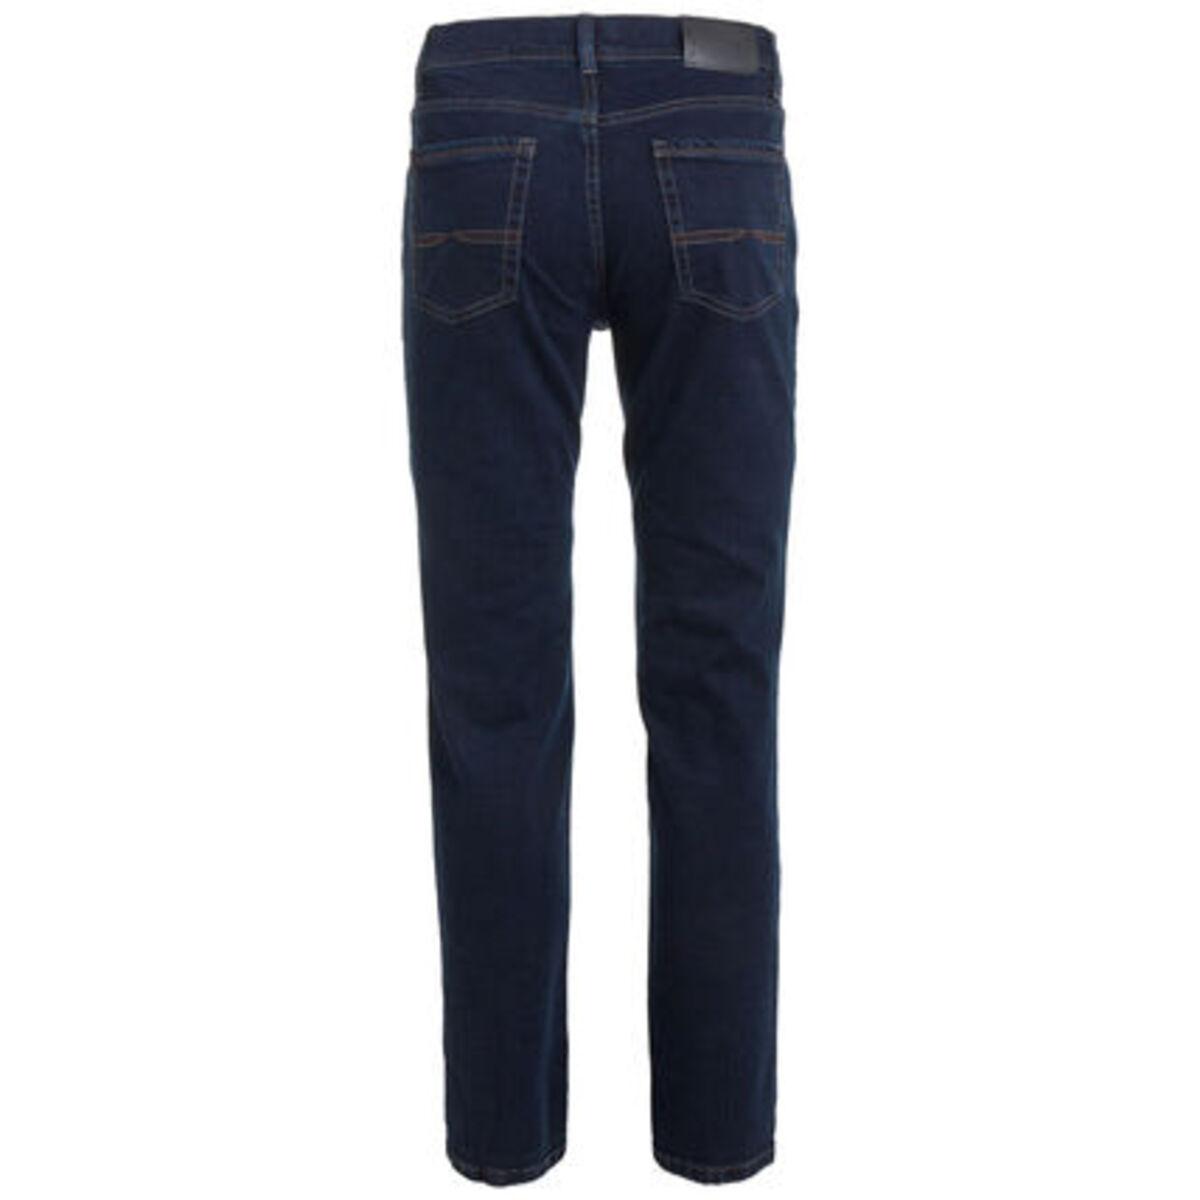 Bild 2 von Pioneer 5-Pocket-Jeans, Regular Fit, für Herren